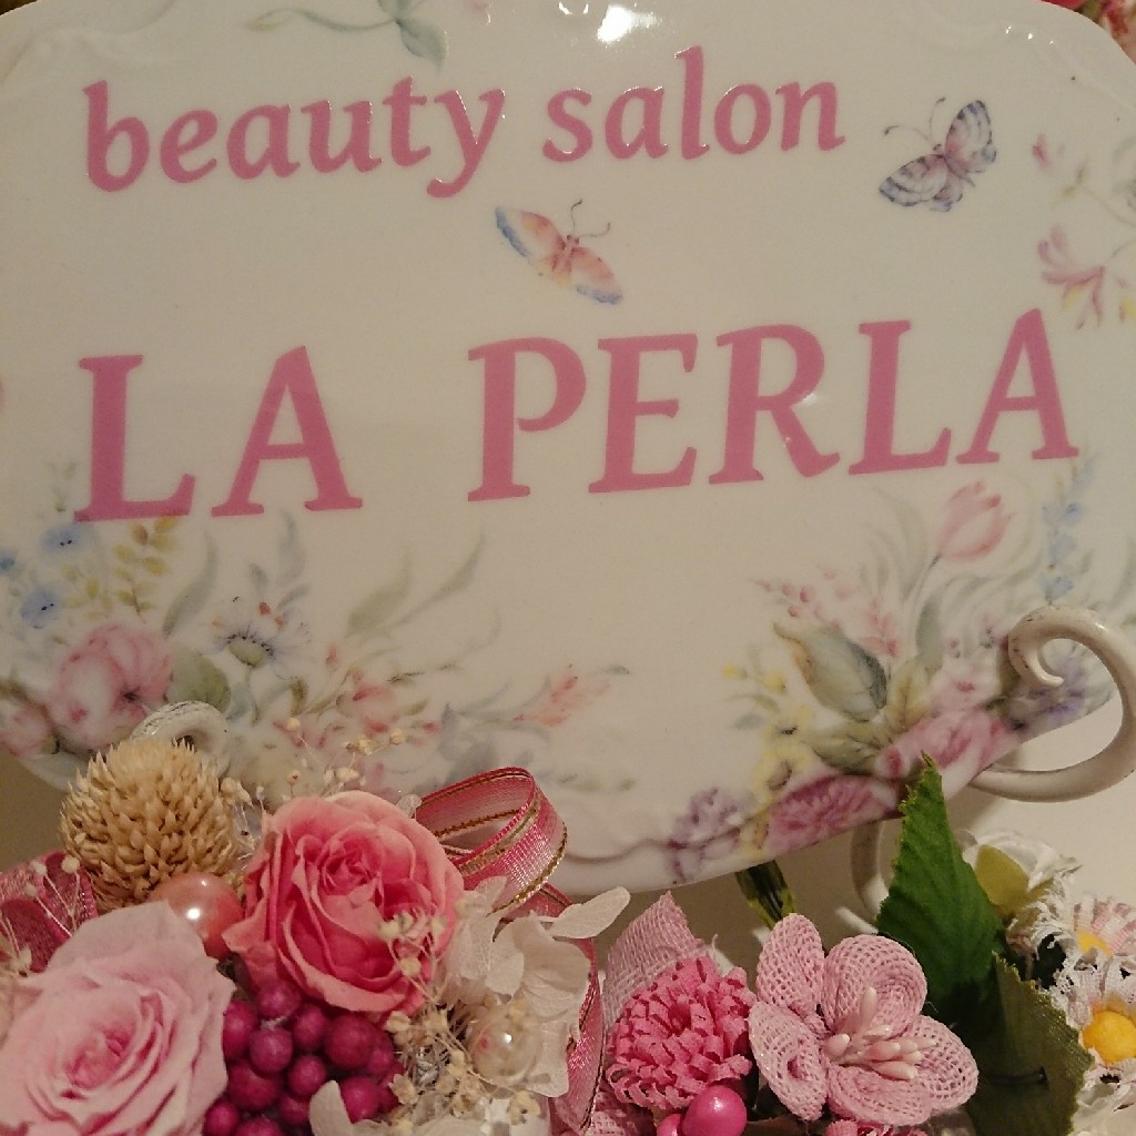 LA PERLA〜ラペルラ〜所属・LA PERLA真珠の掲載